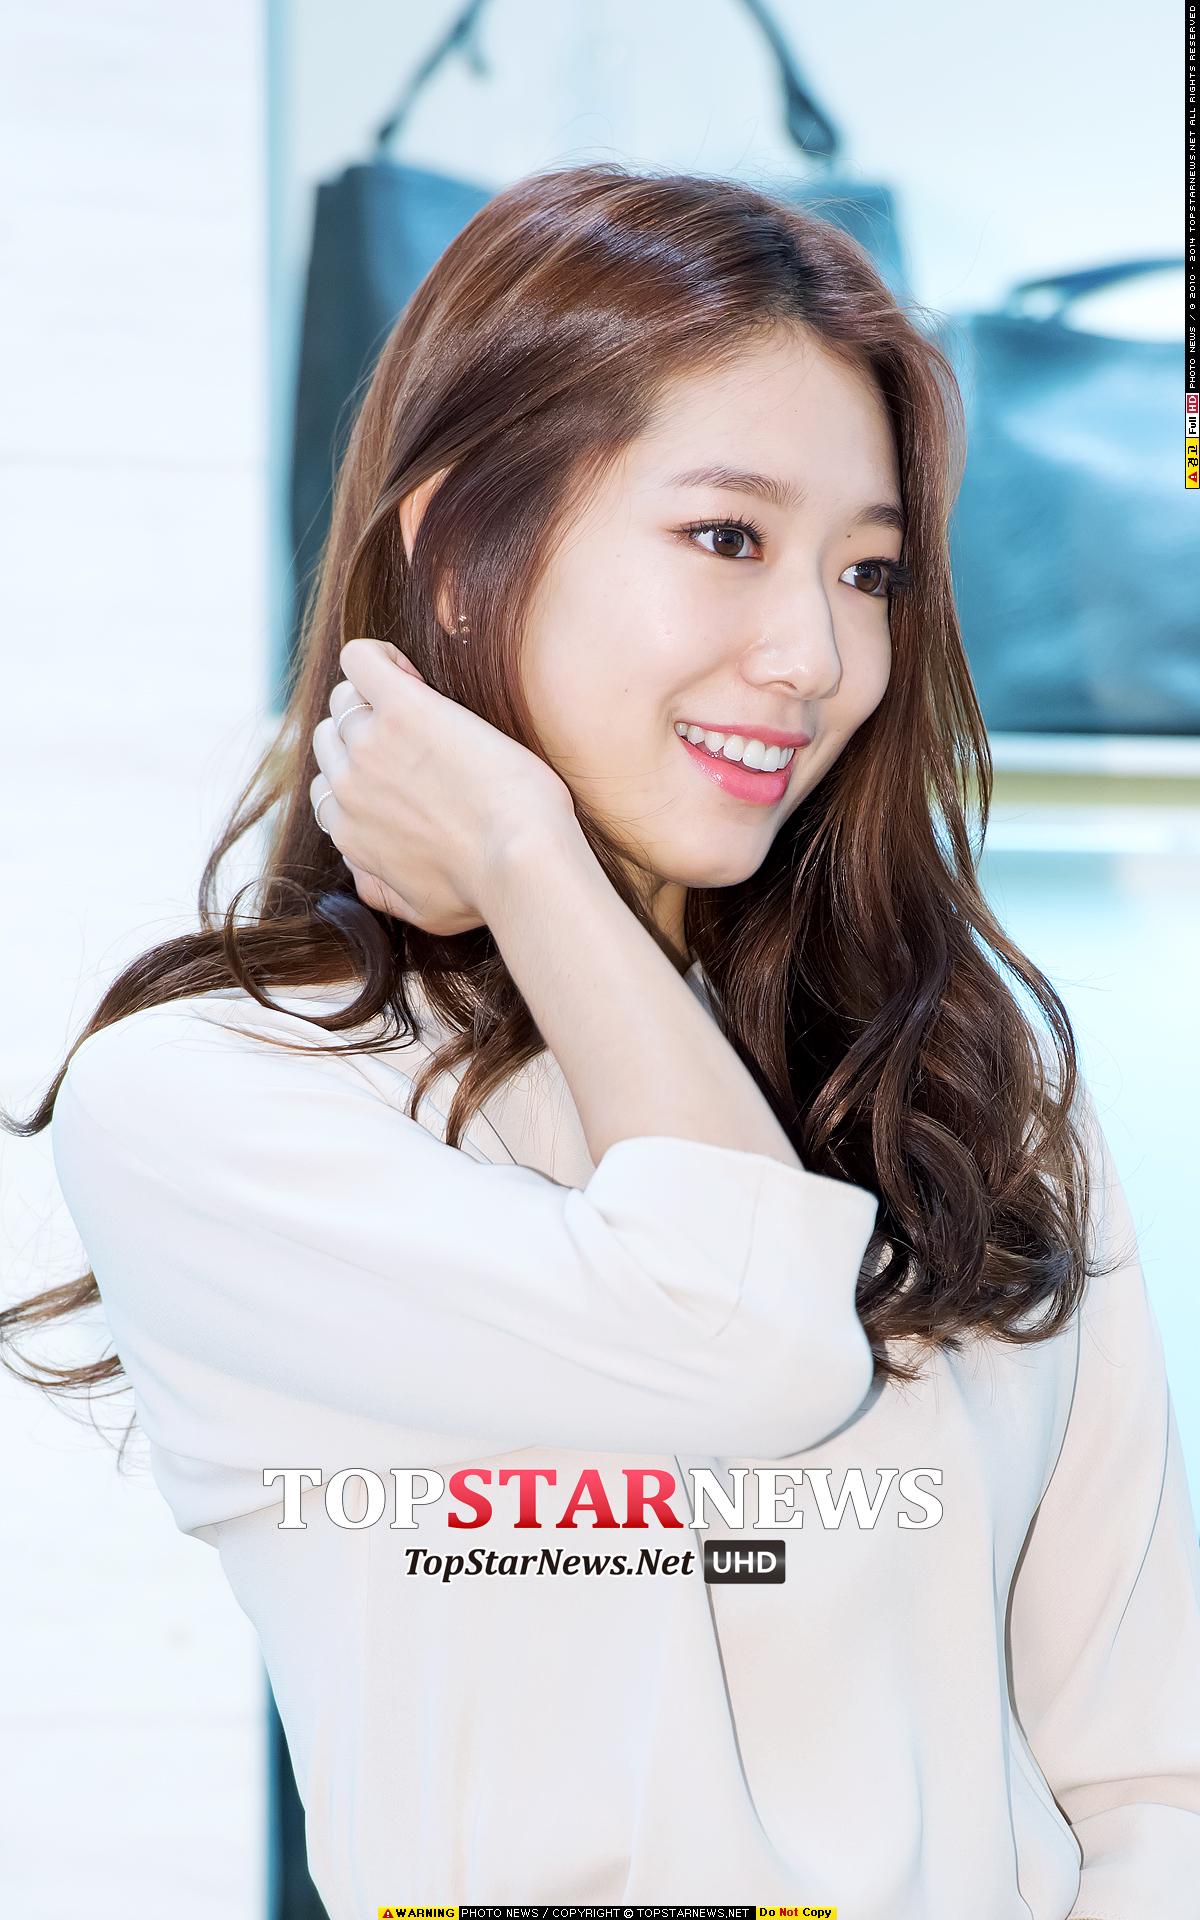 常常陽光笑容滿面,好感度極高的女演員朴信惠呢?